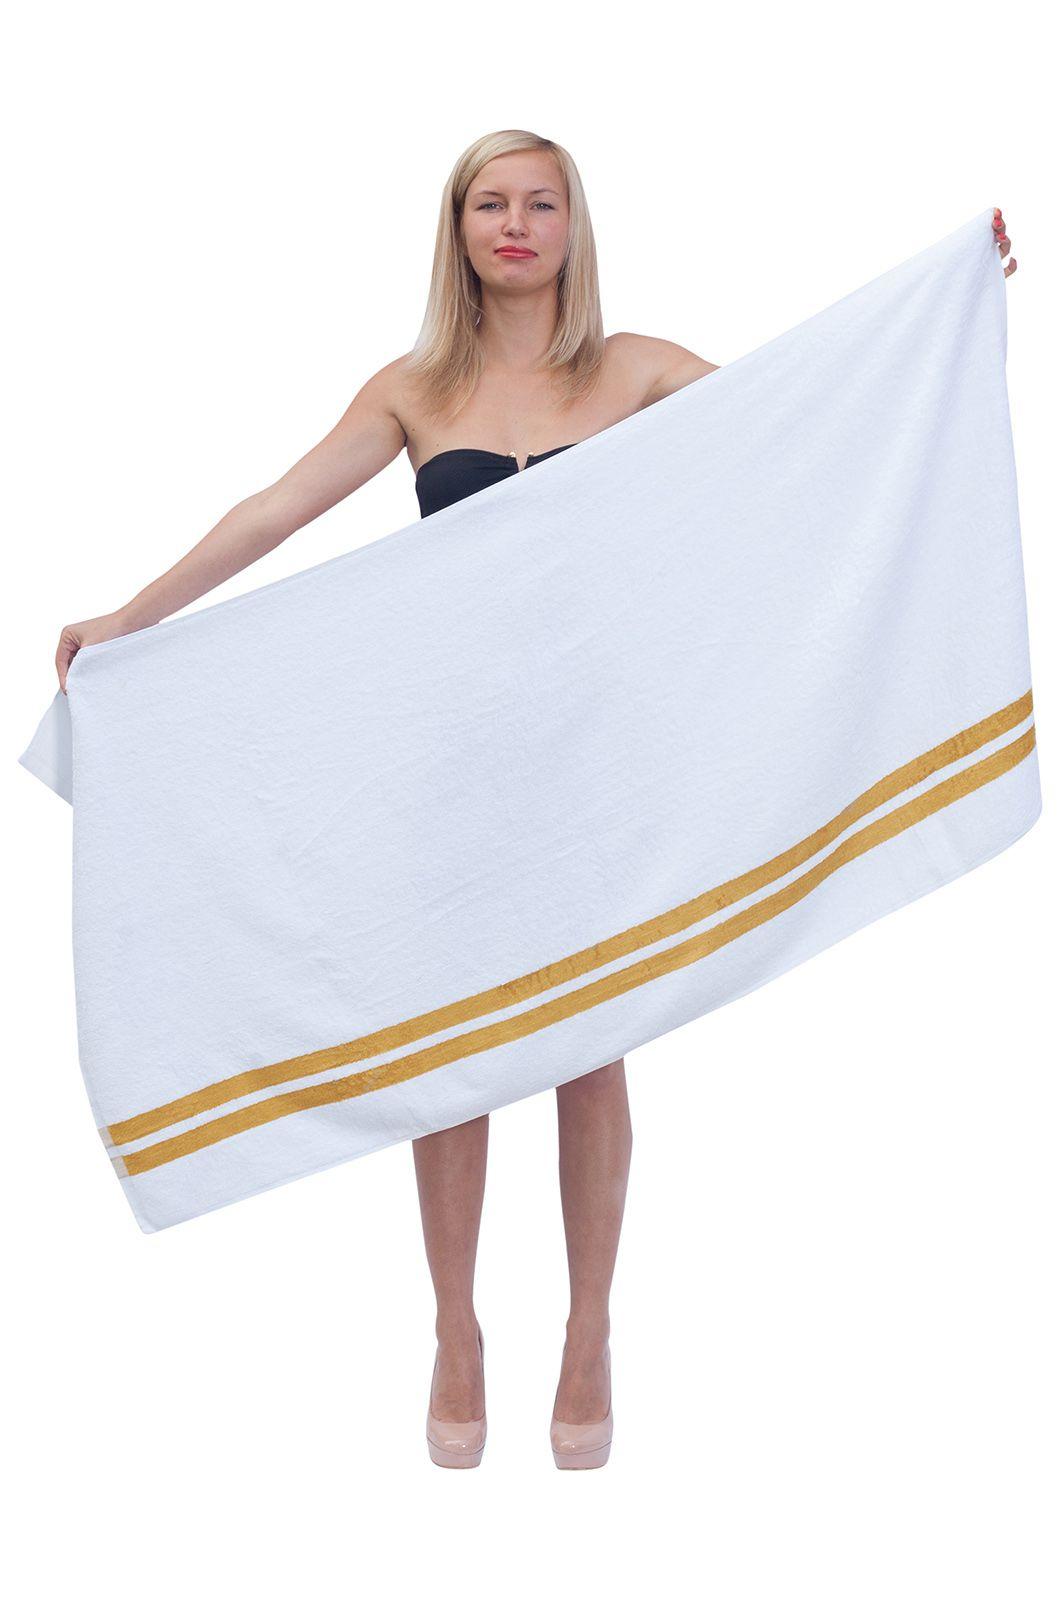 Полотенце белое - купить с доставкой недорого